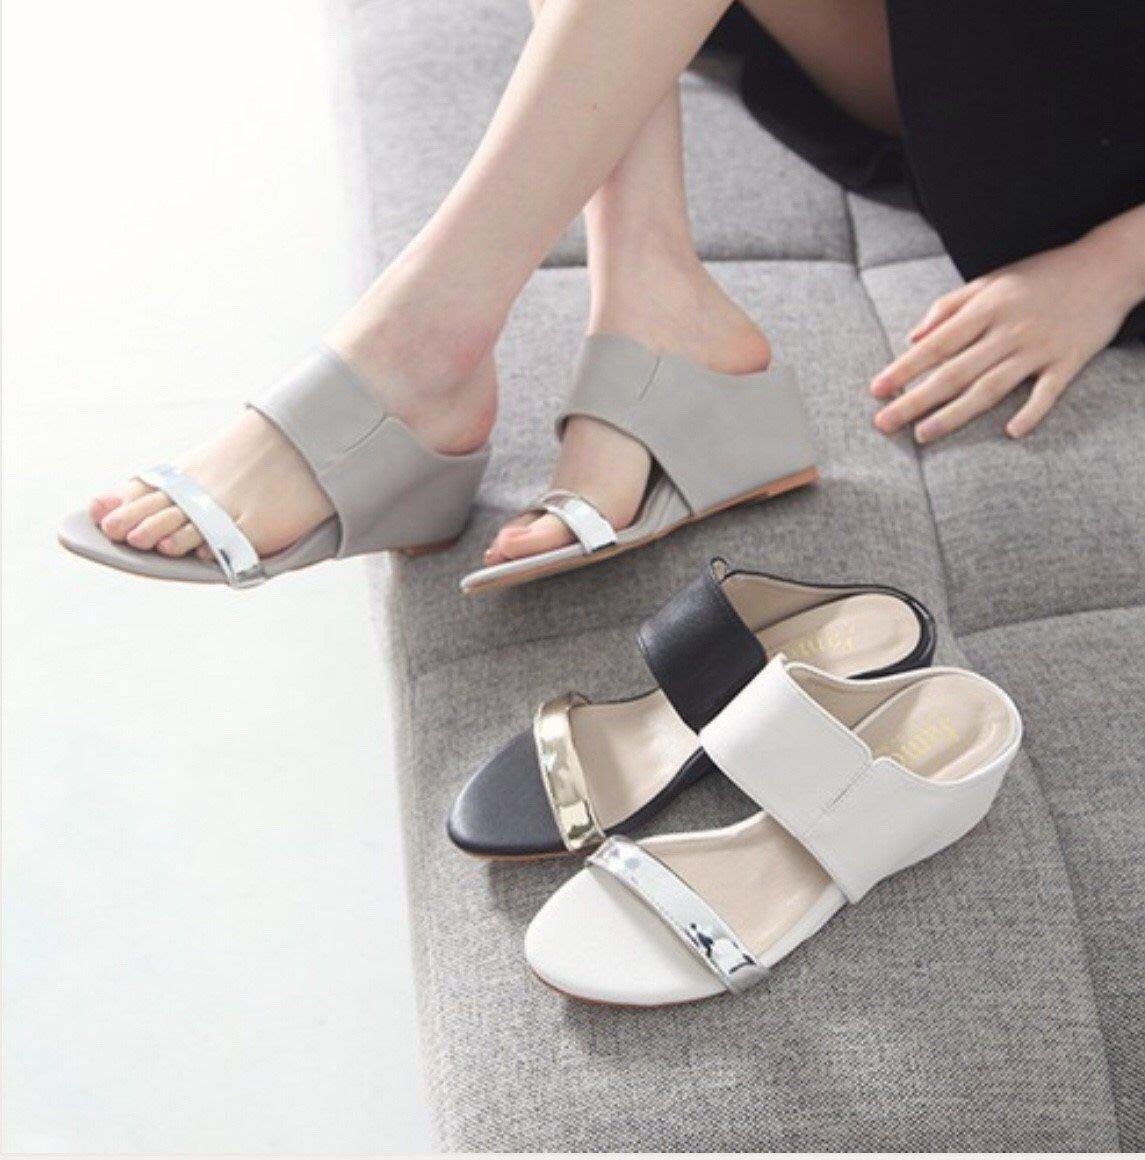 正韓 韓國進口 涼鞋 楔型鞋 金片寬帶楔型涼鞋 現貨 豆沙灰 白     幸福韓富